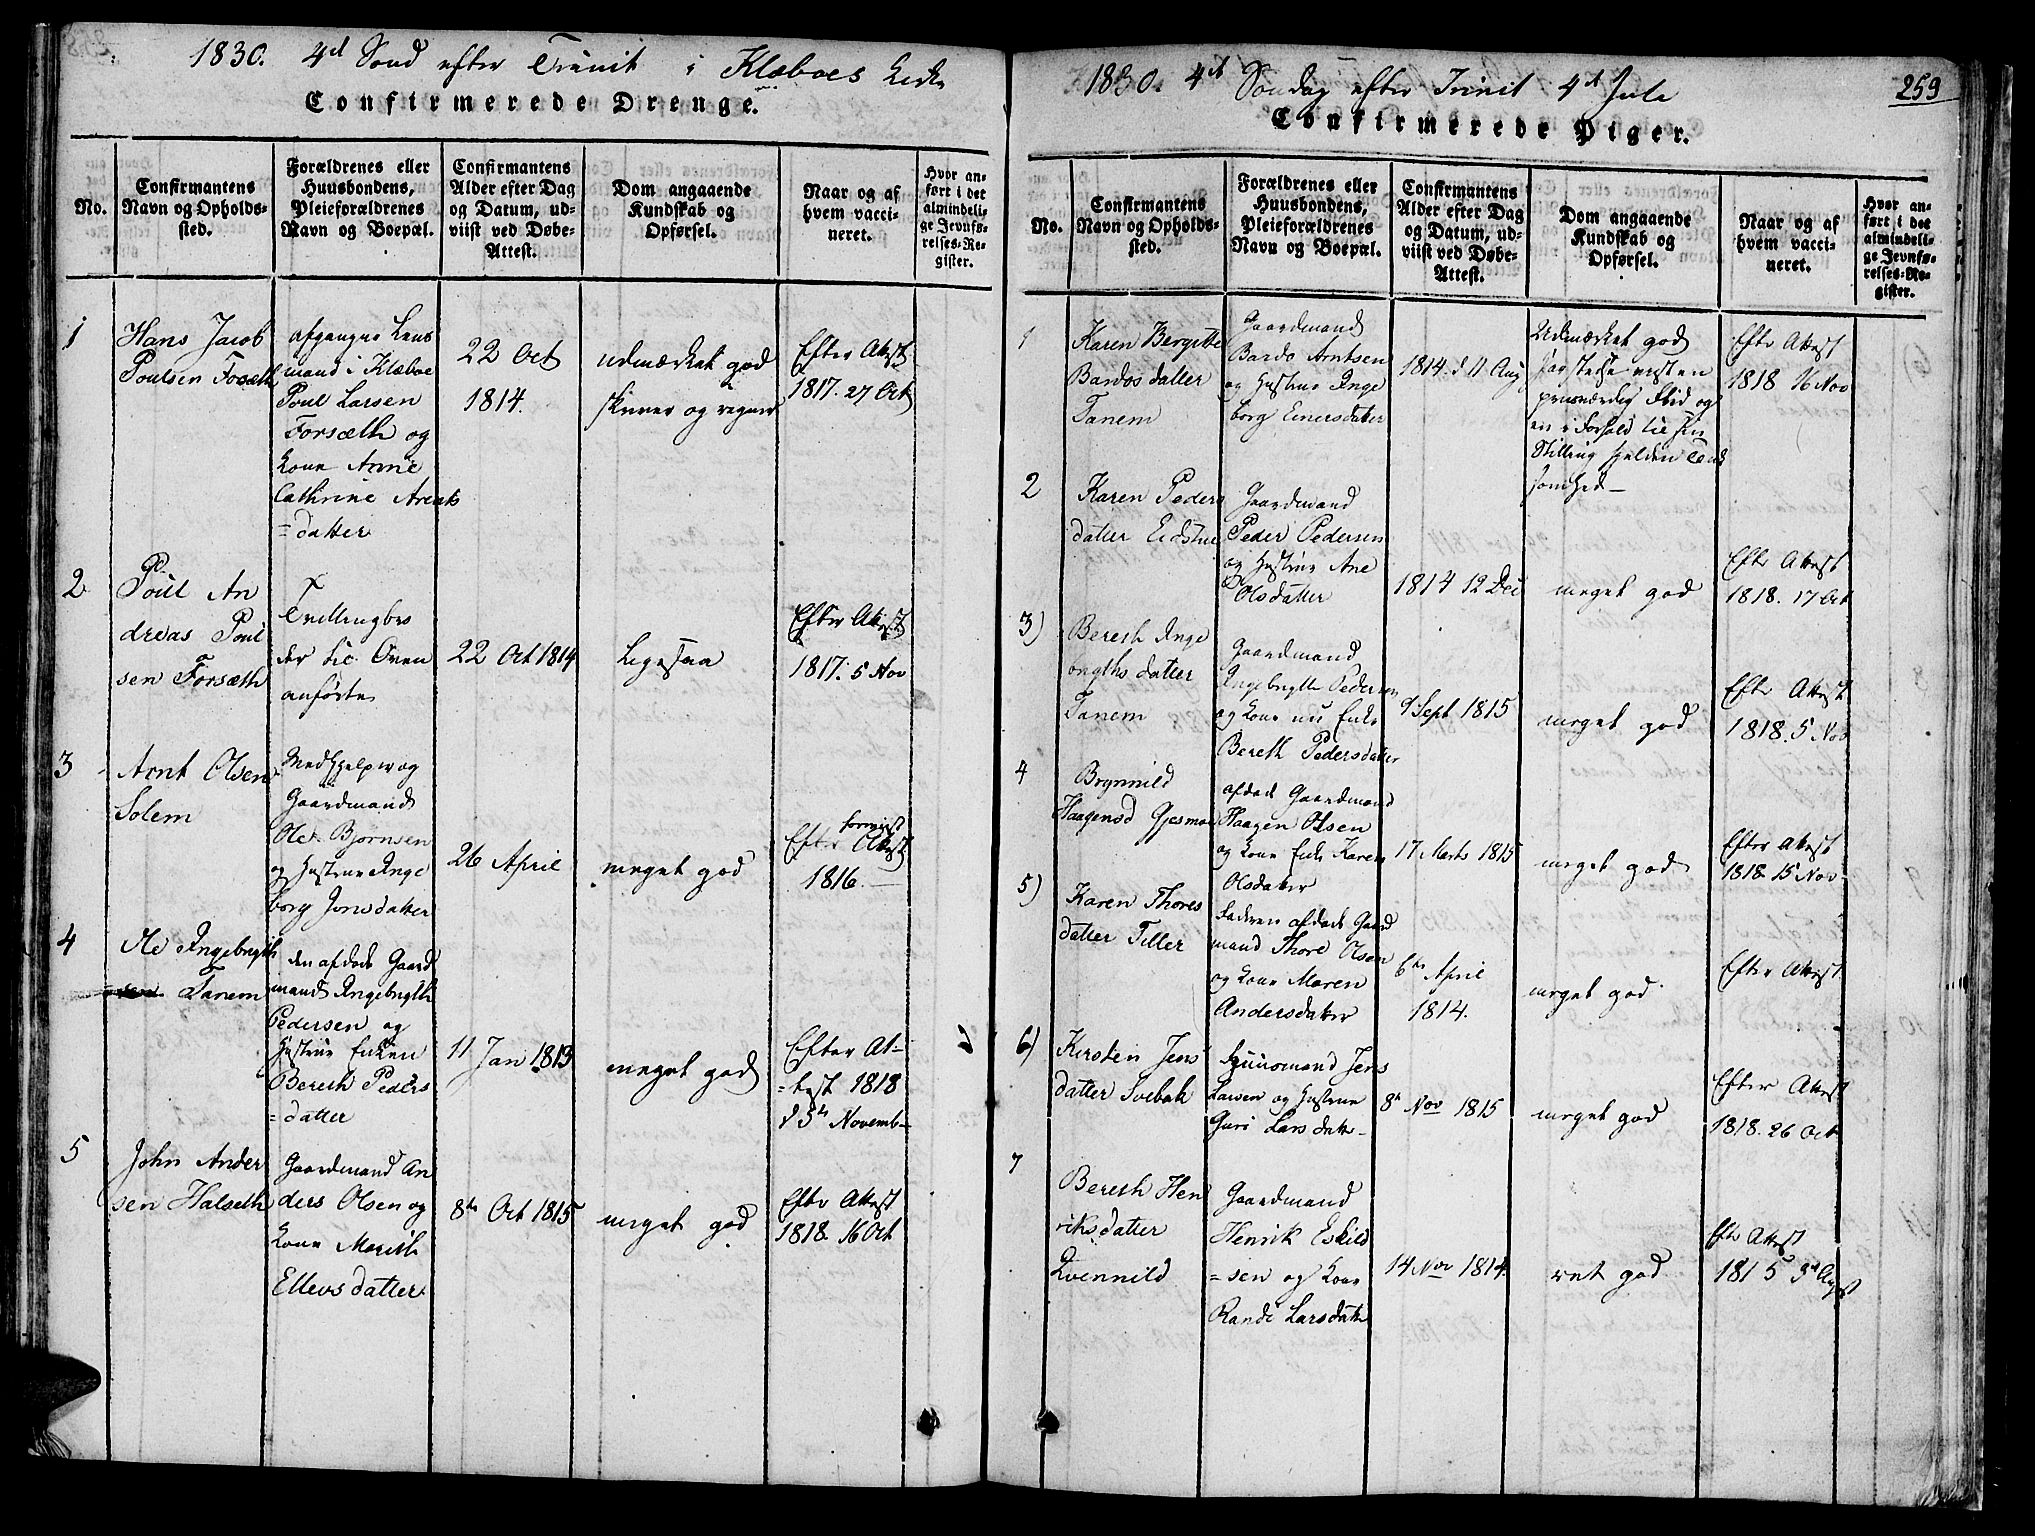 SAT, Ministerialprotokoller, klokkerbøker og fødselsregistre - Sør-Trøndelag, 618/L0439: Ministerialbok nr. 618A04 /1, 1816-1843, s. 259